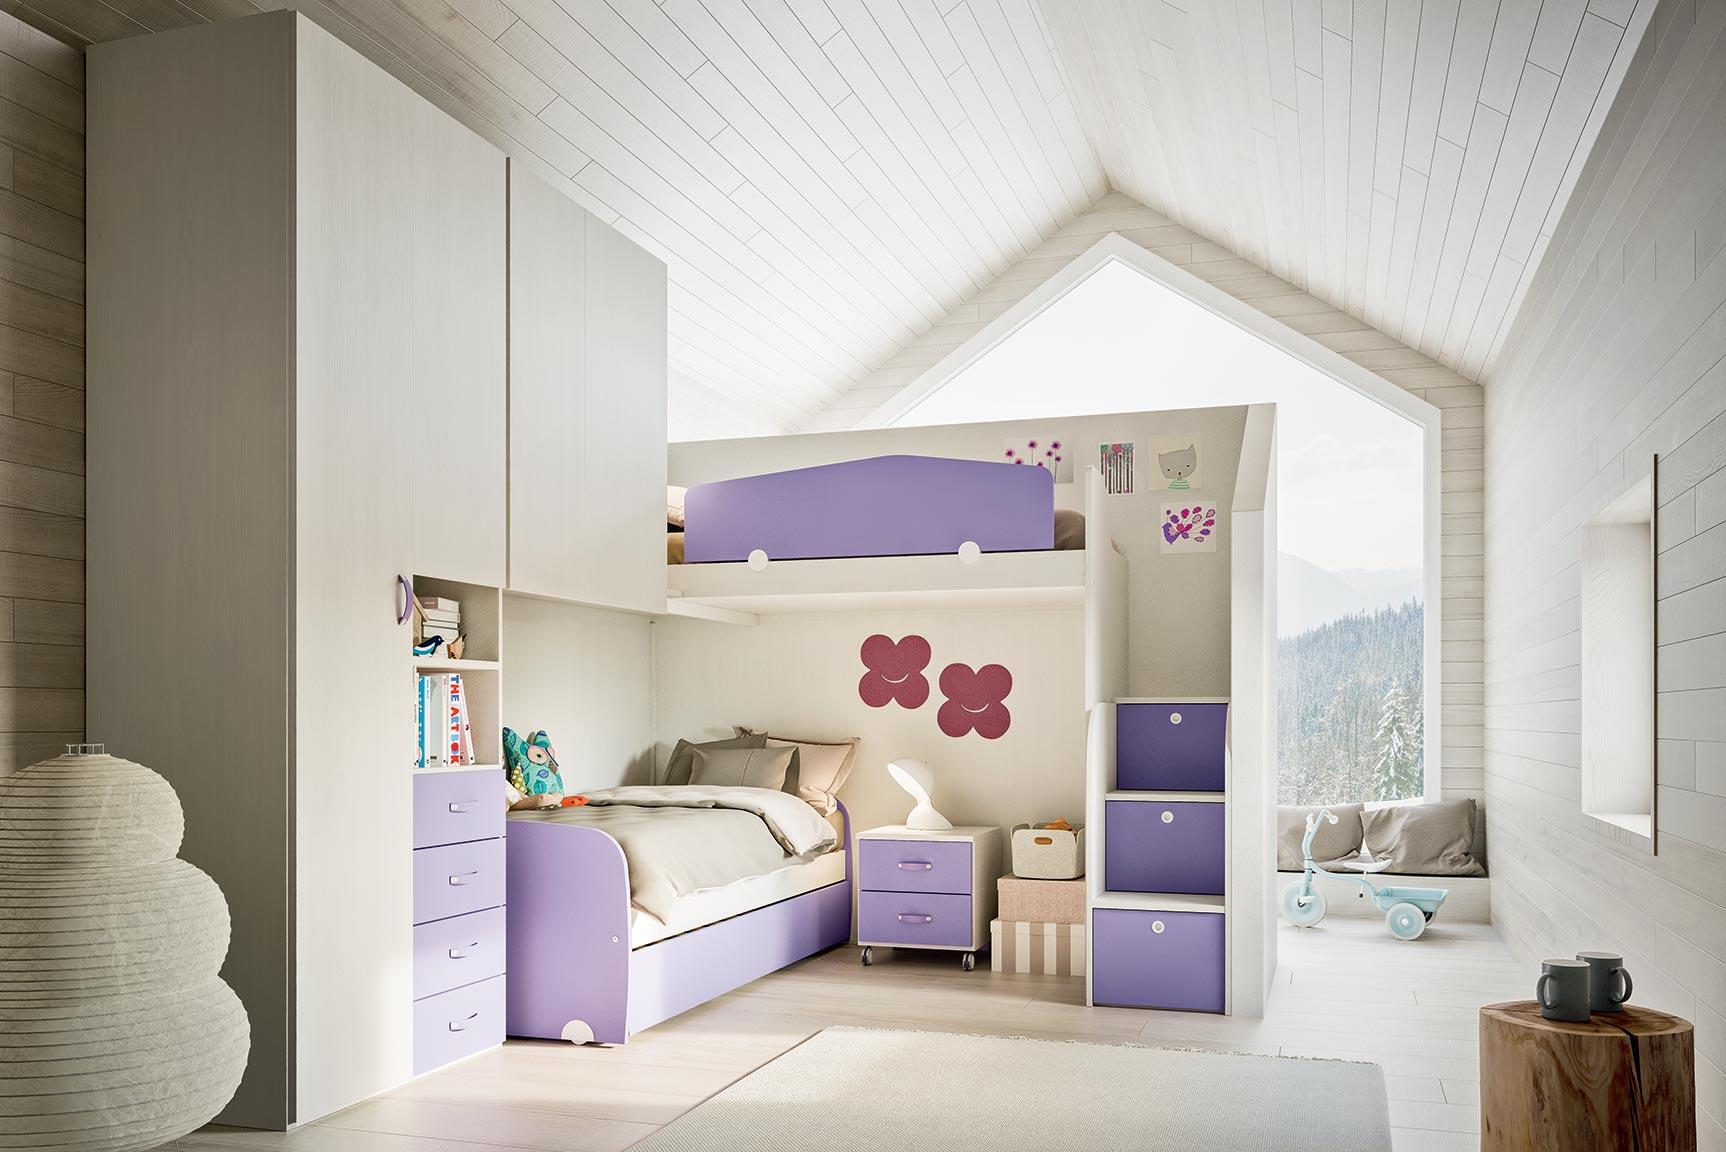 Soluzione Cameretta 2 Letti.Camerette Con Letti A Soppalco Mab Home Furniture